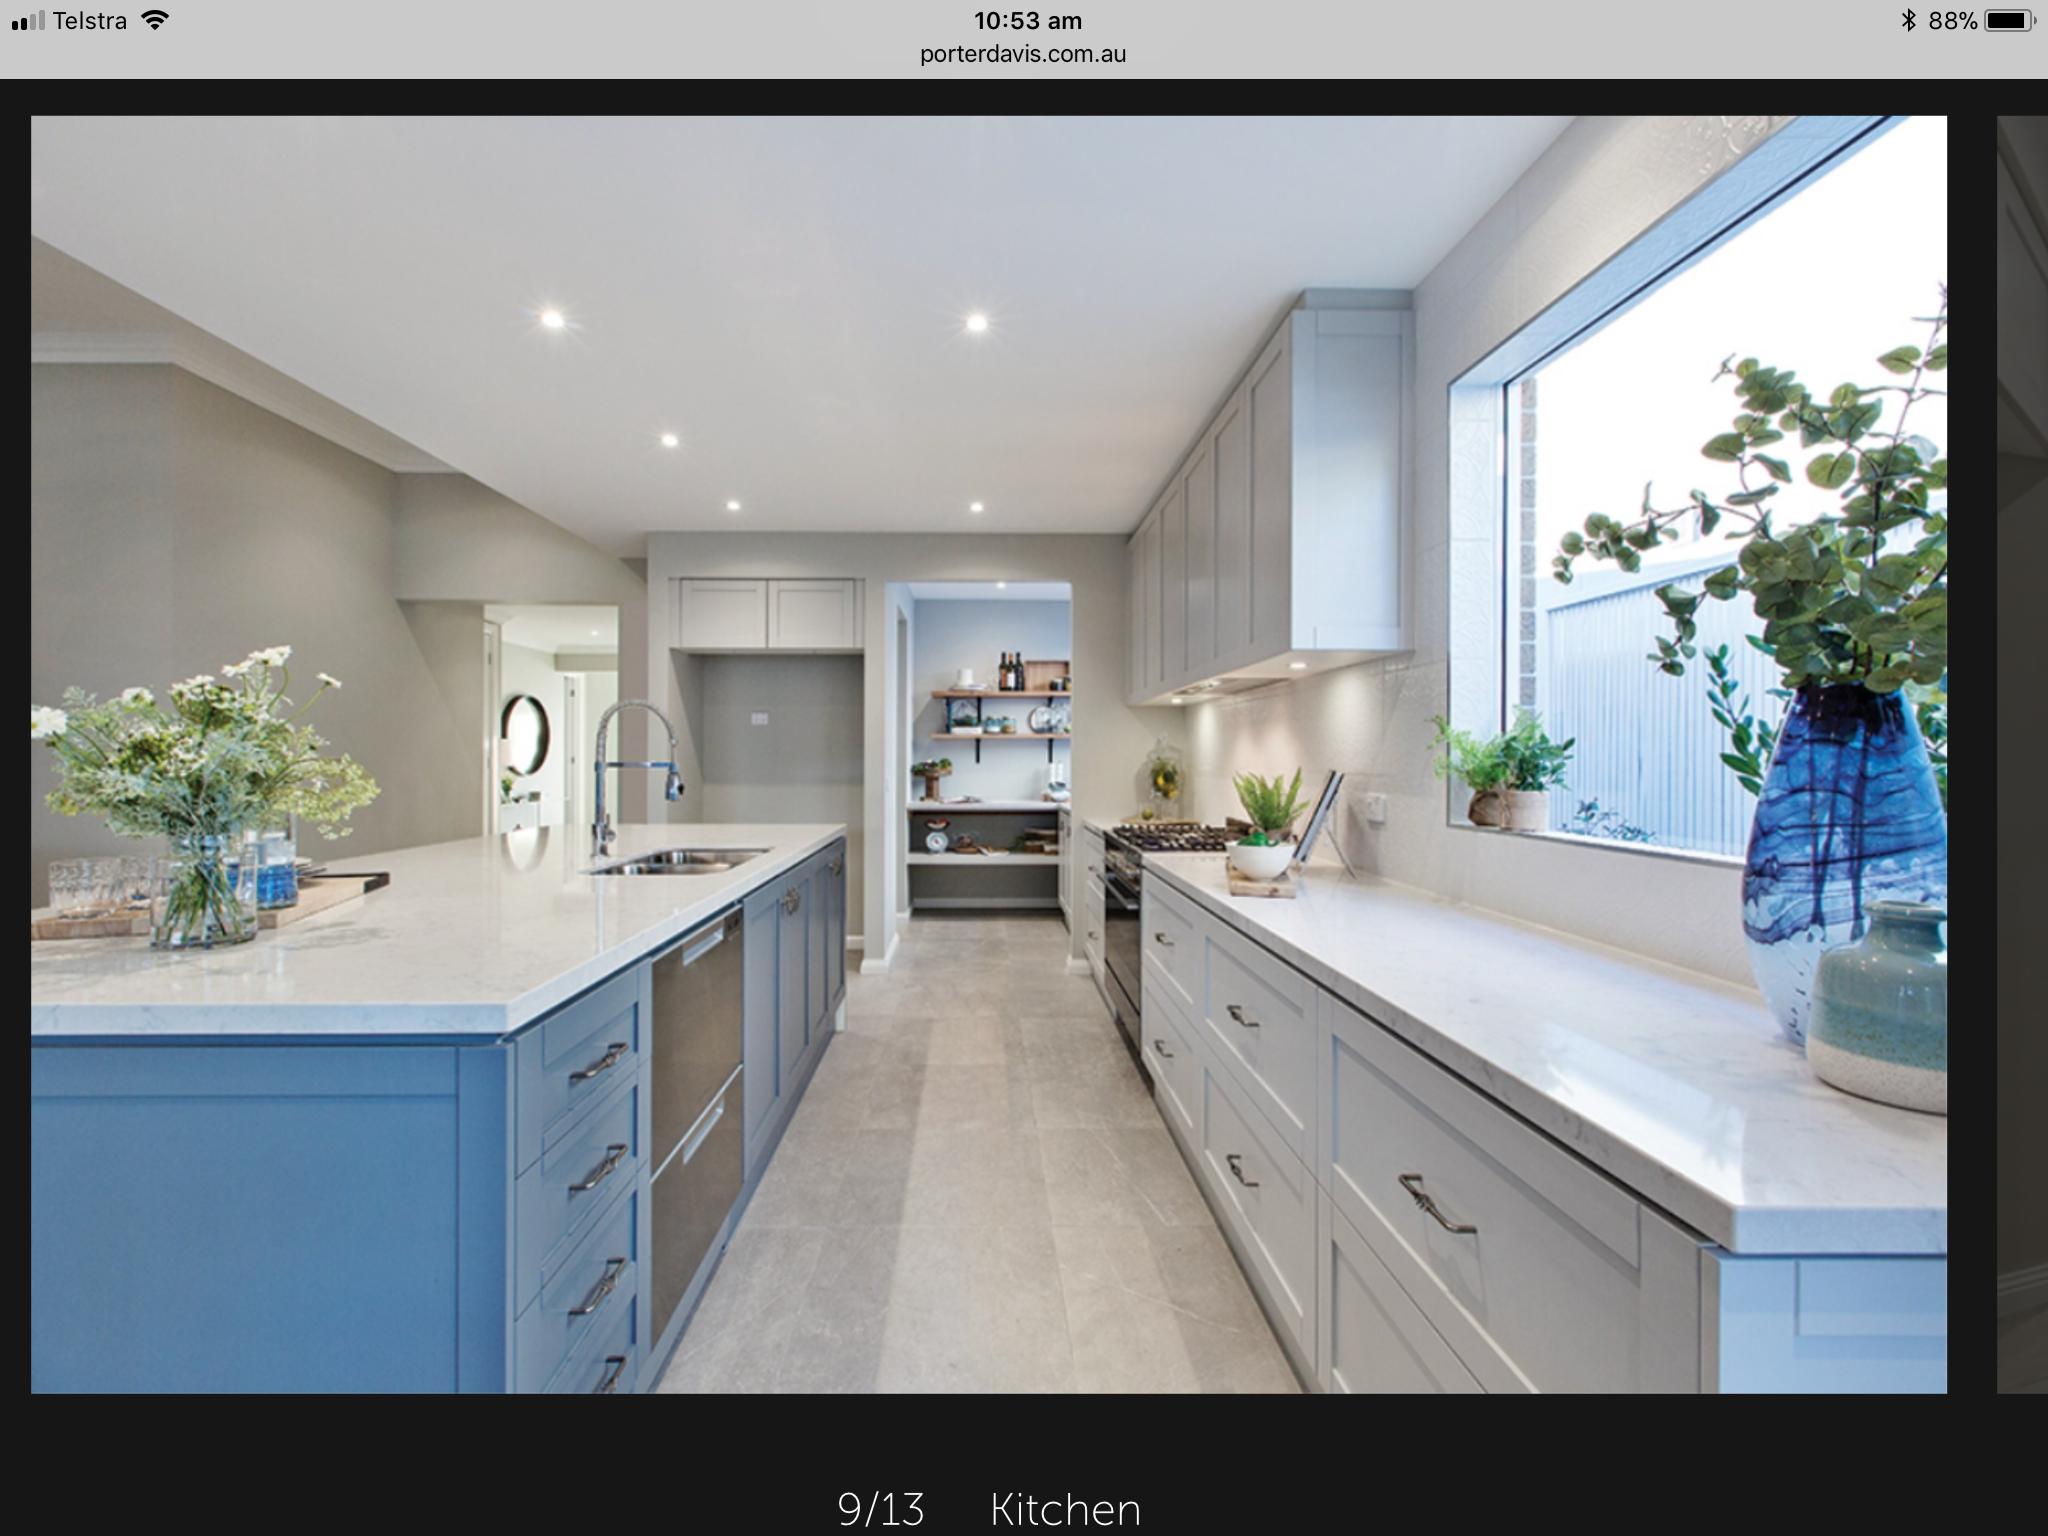 Wunderbar Küche Design Keine Wandeinheiten Zeitgenössisch - Ideen ...